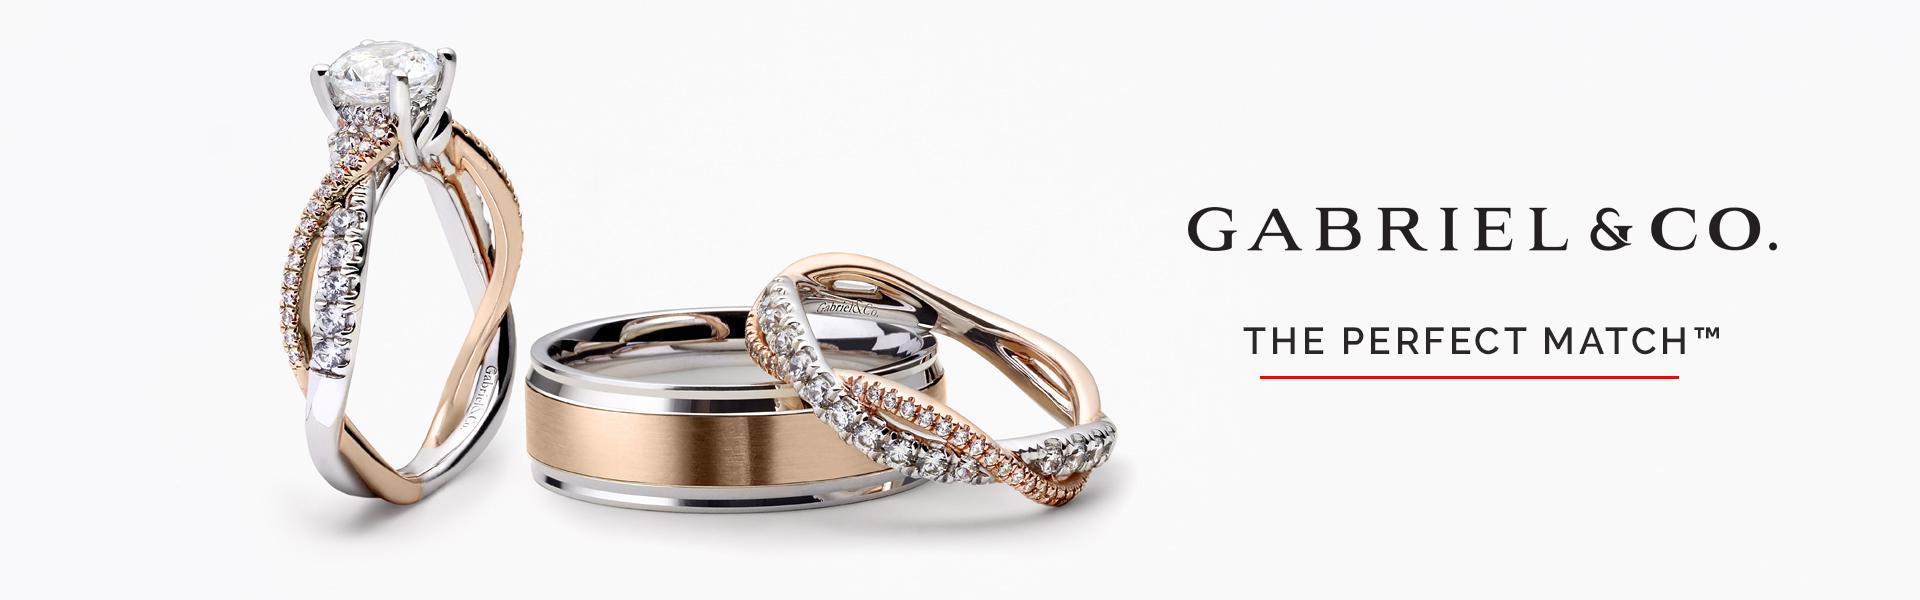 Gabriel & Co. Bridal